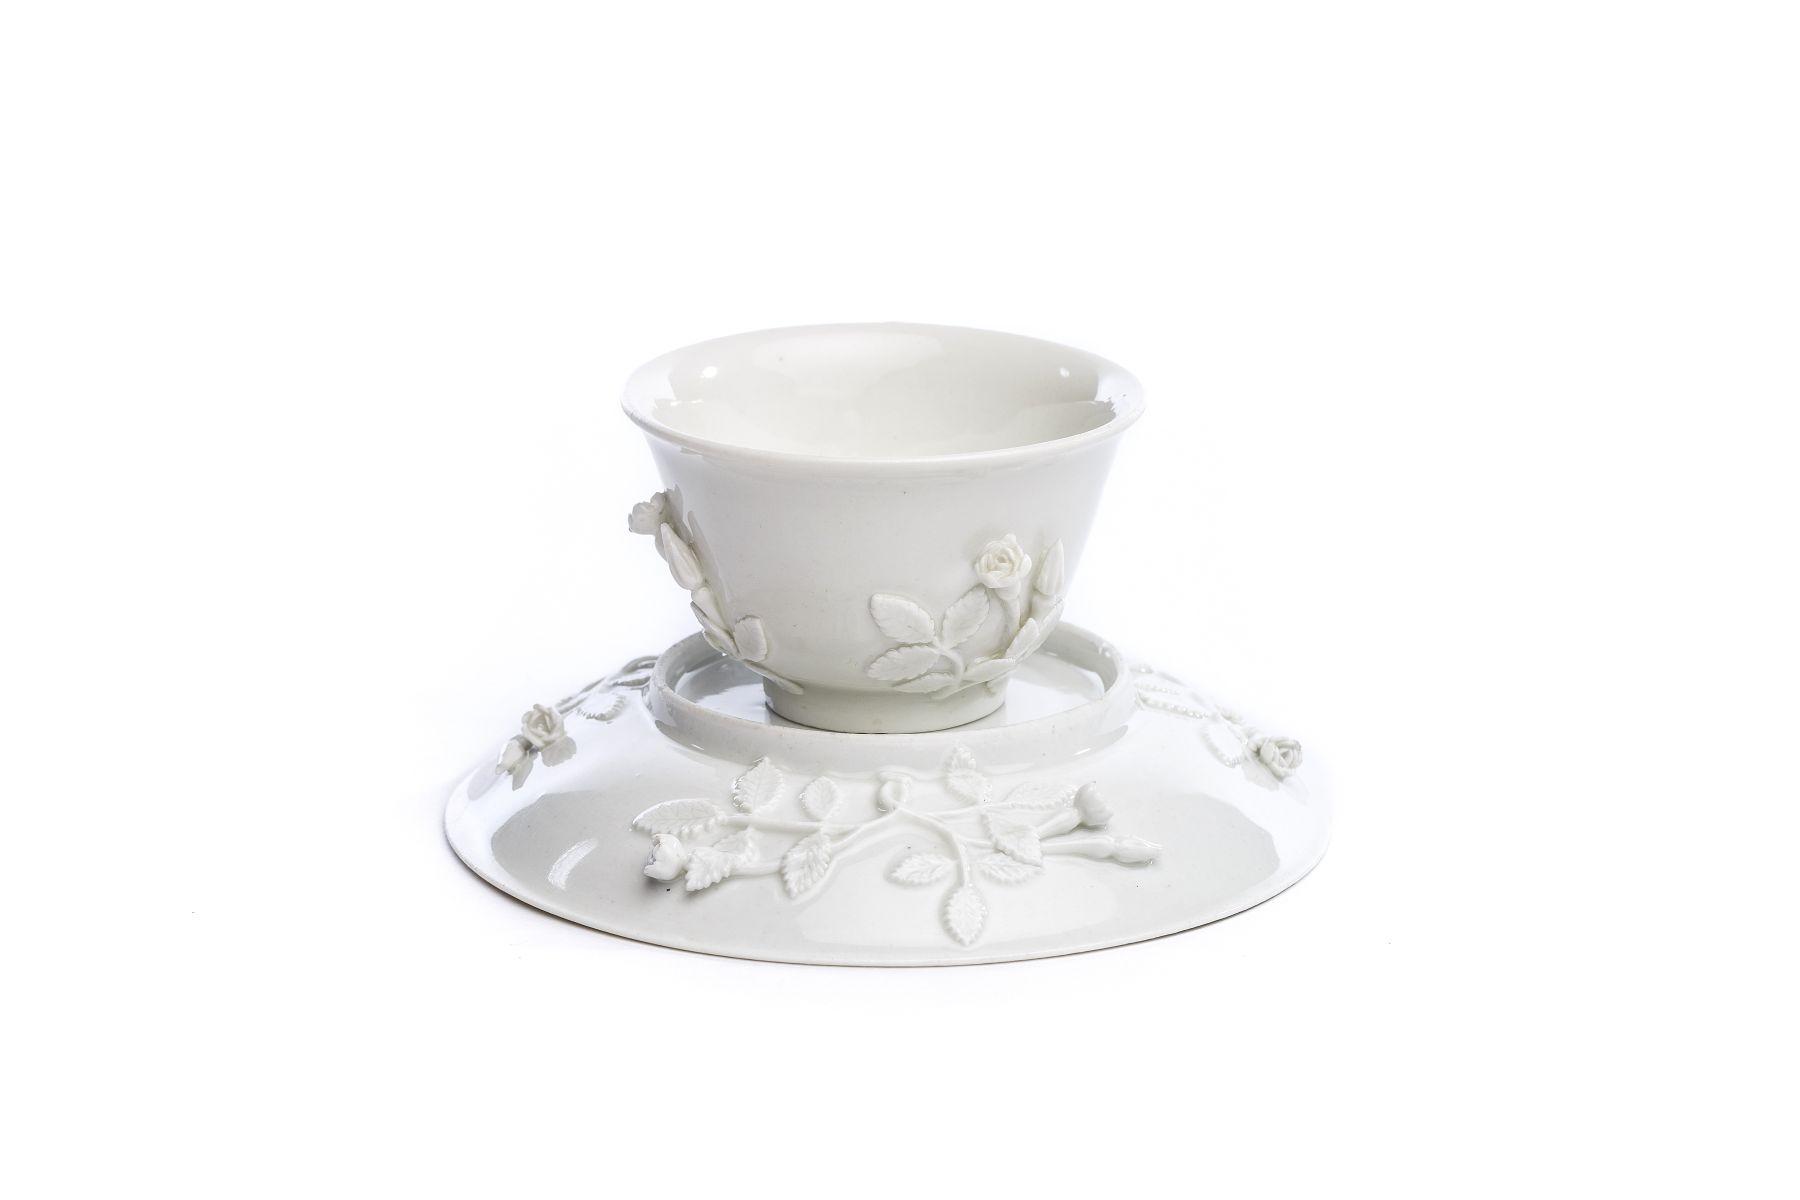 Koppchen mit Unterschale, weißes Böttgerporzellan, Meissen 1720/25